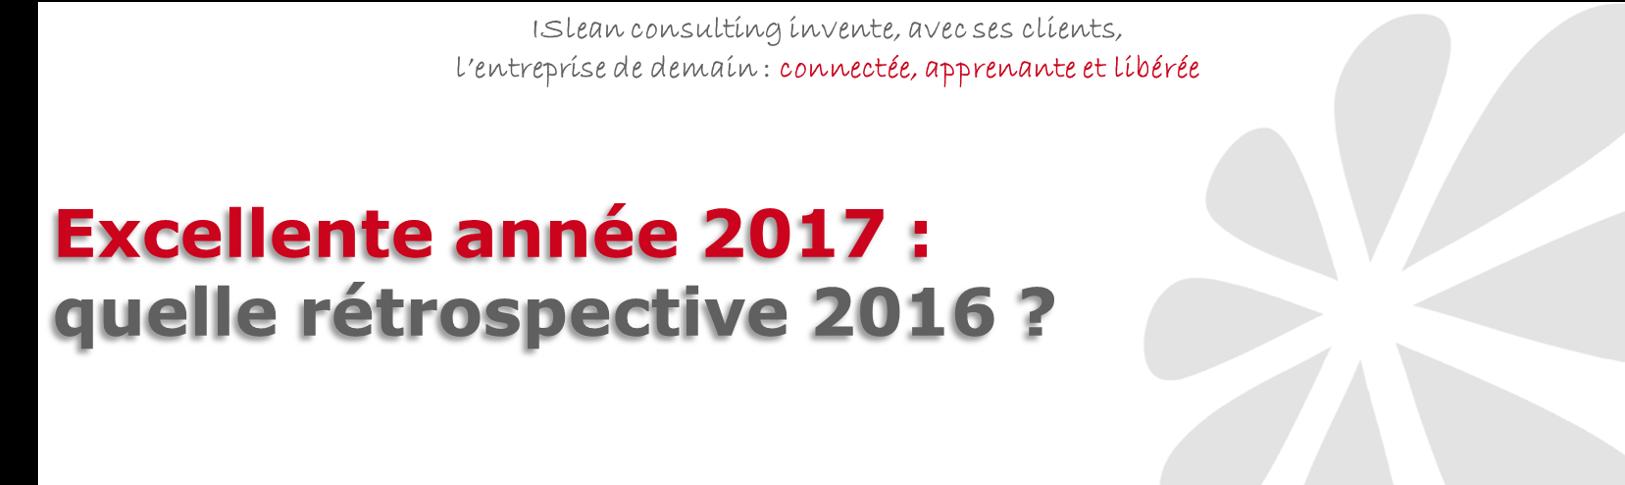 Voeux 2017 pour site ISlean retrospective 2016